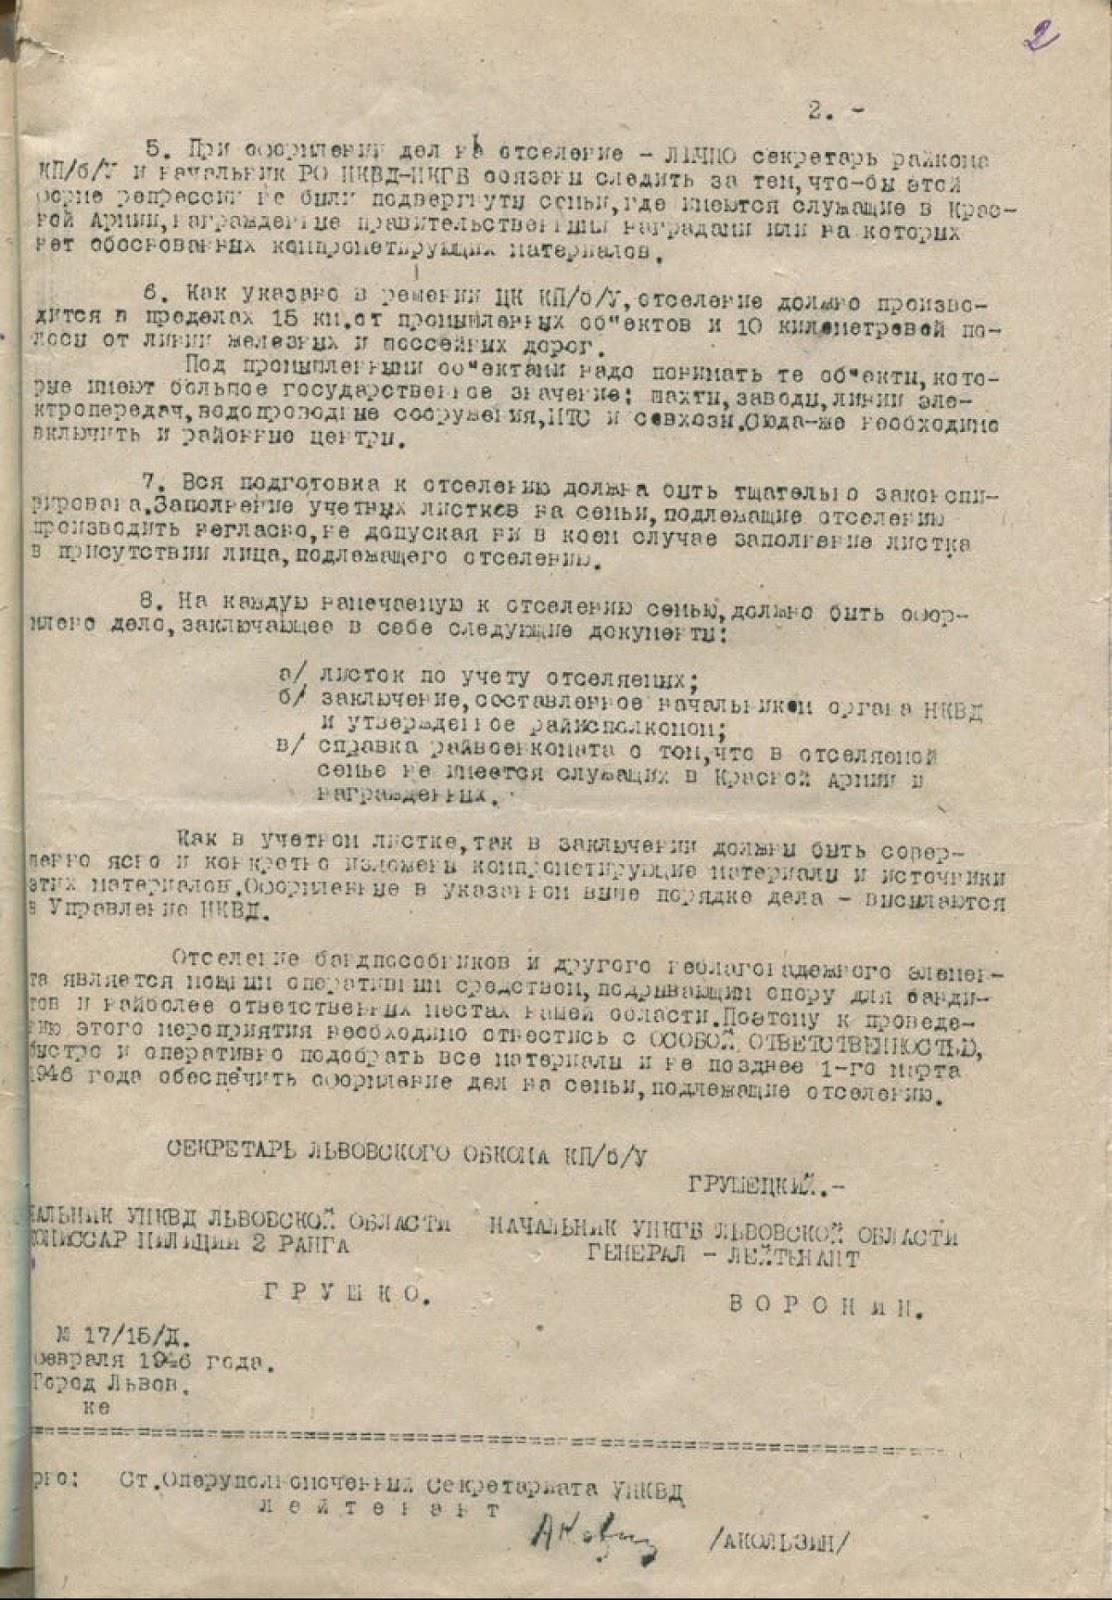 """Распоряжение об очистке 15-км зоны вокруг промышленных объектов от """"антисоветского элемента"""", арк. 1., 1946 г."""